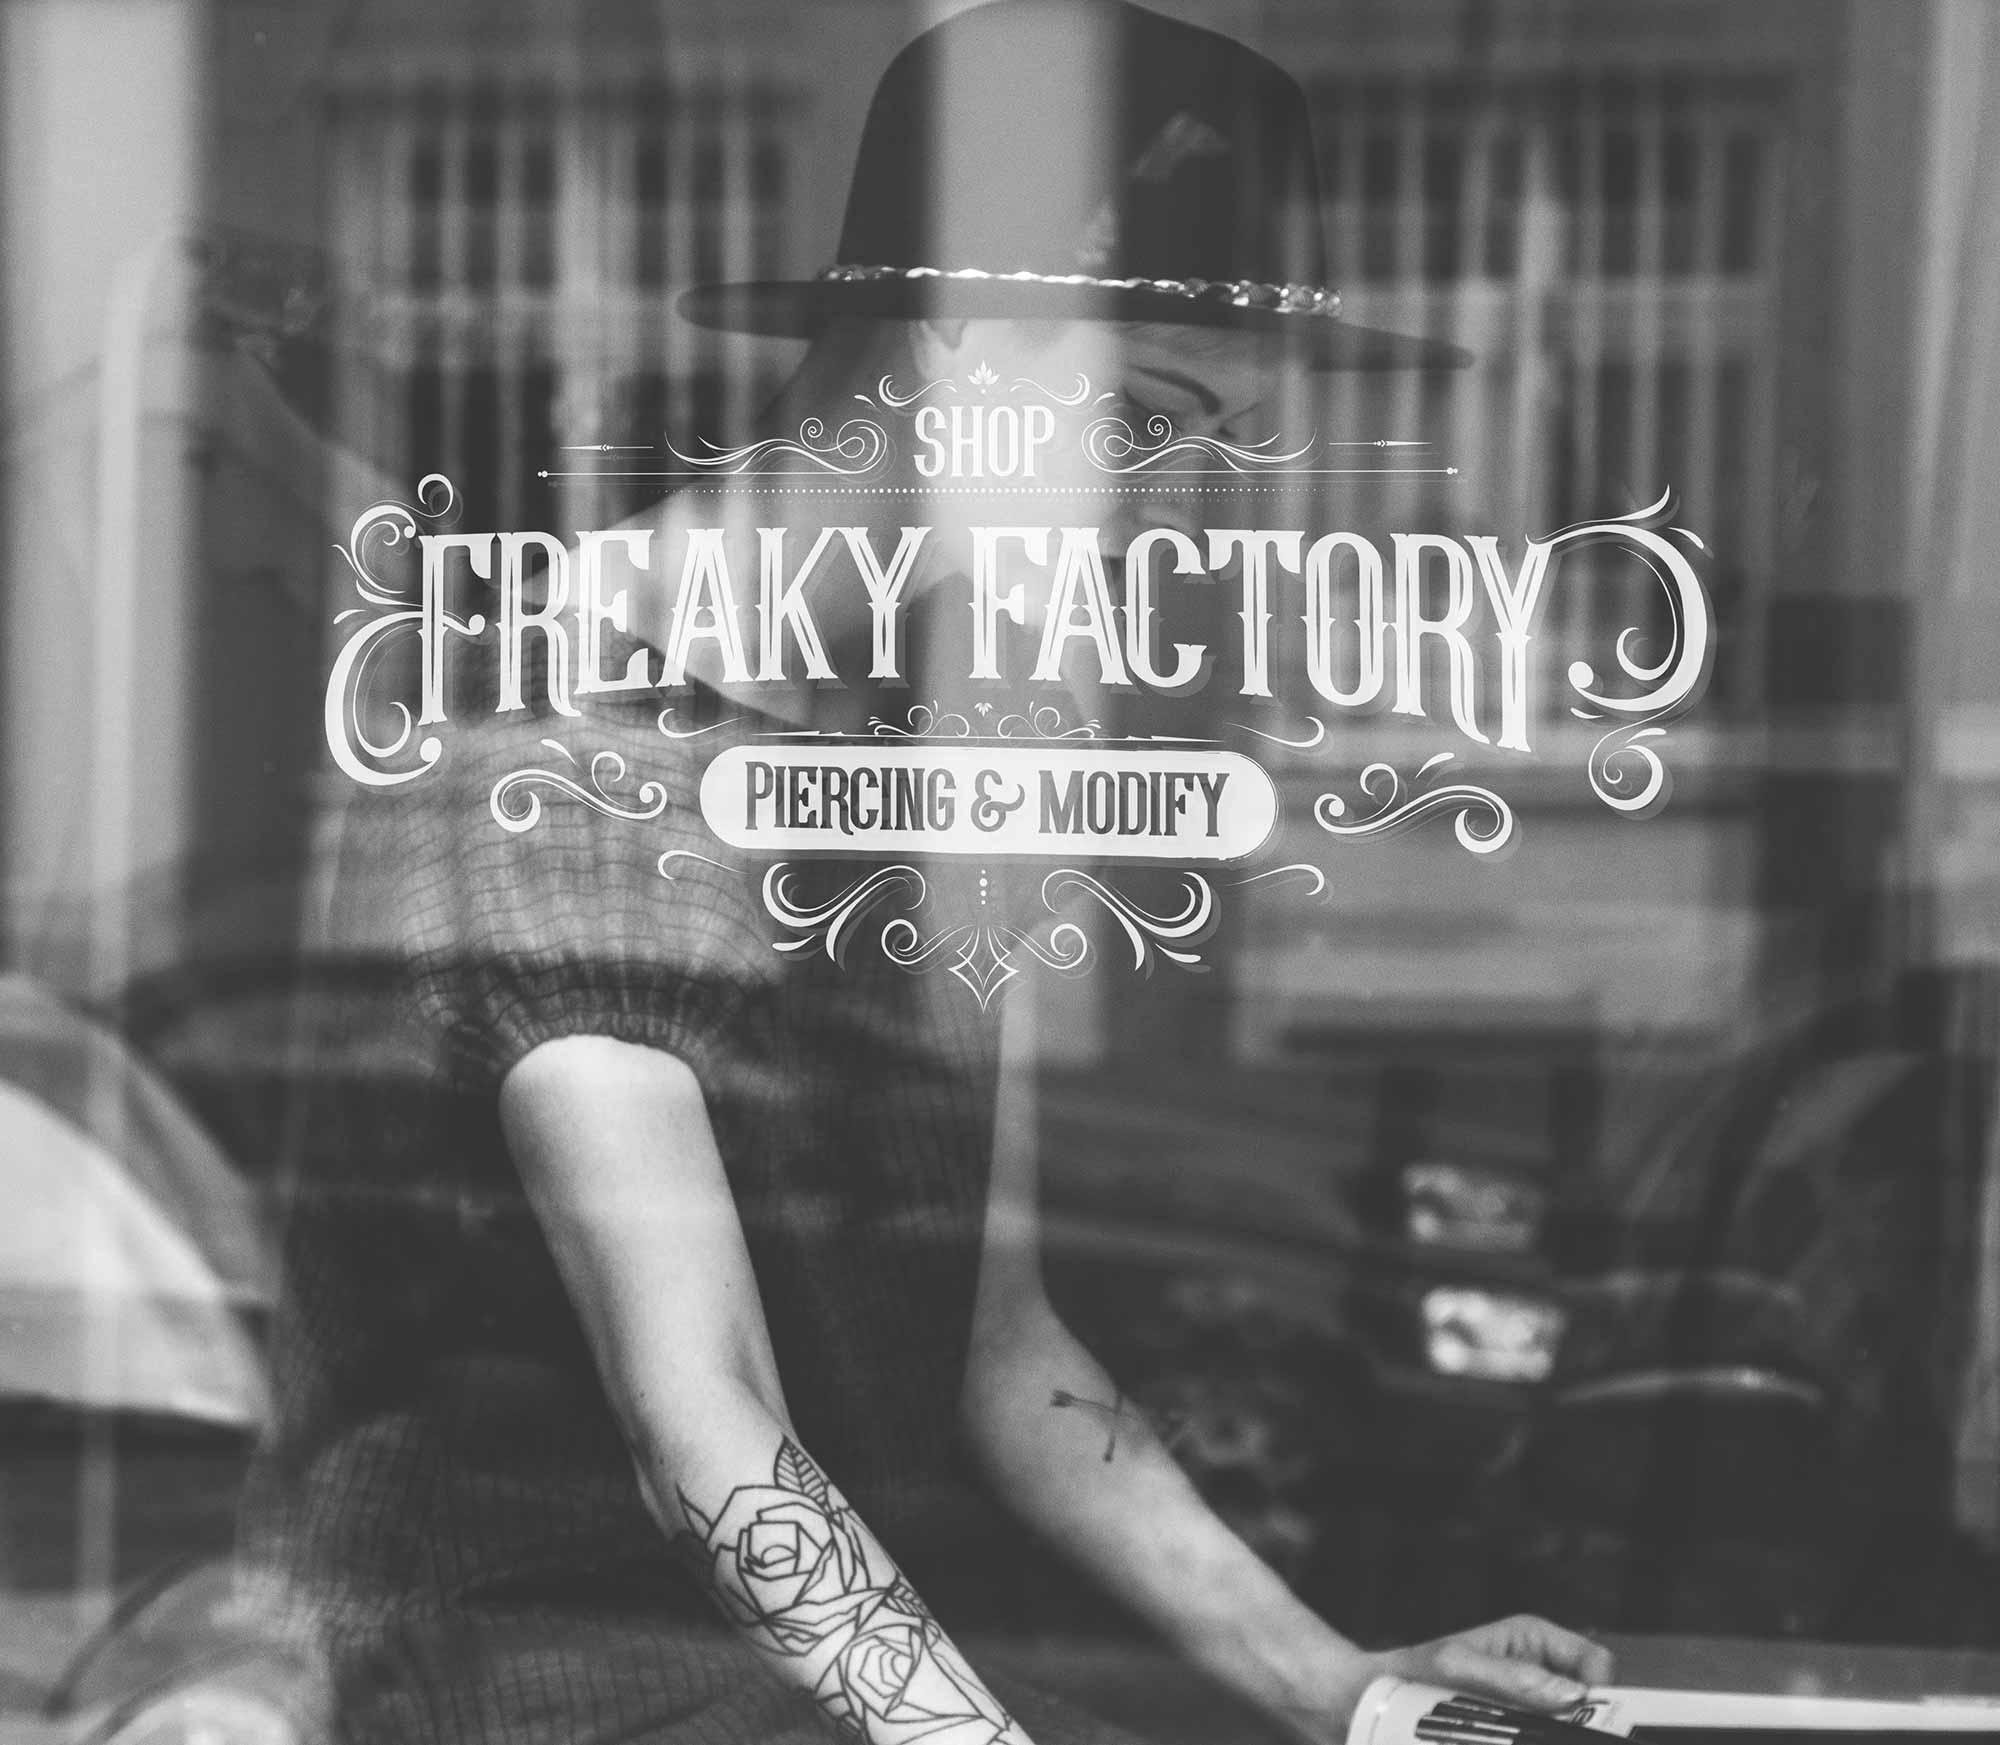 ikadia_freaky-factory_fond.jpg